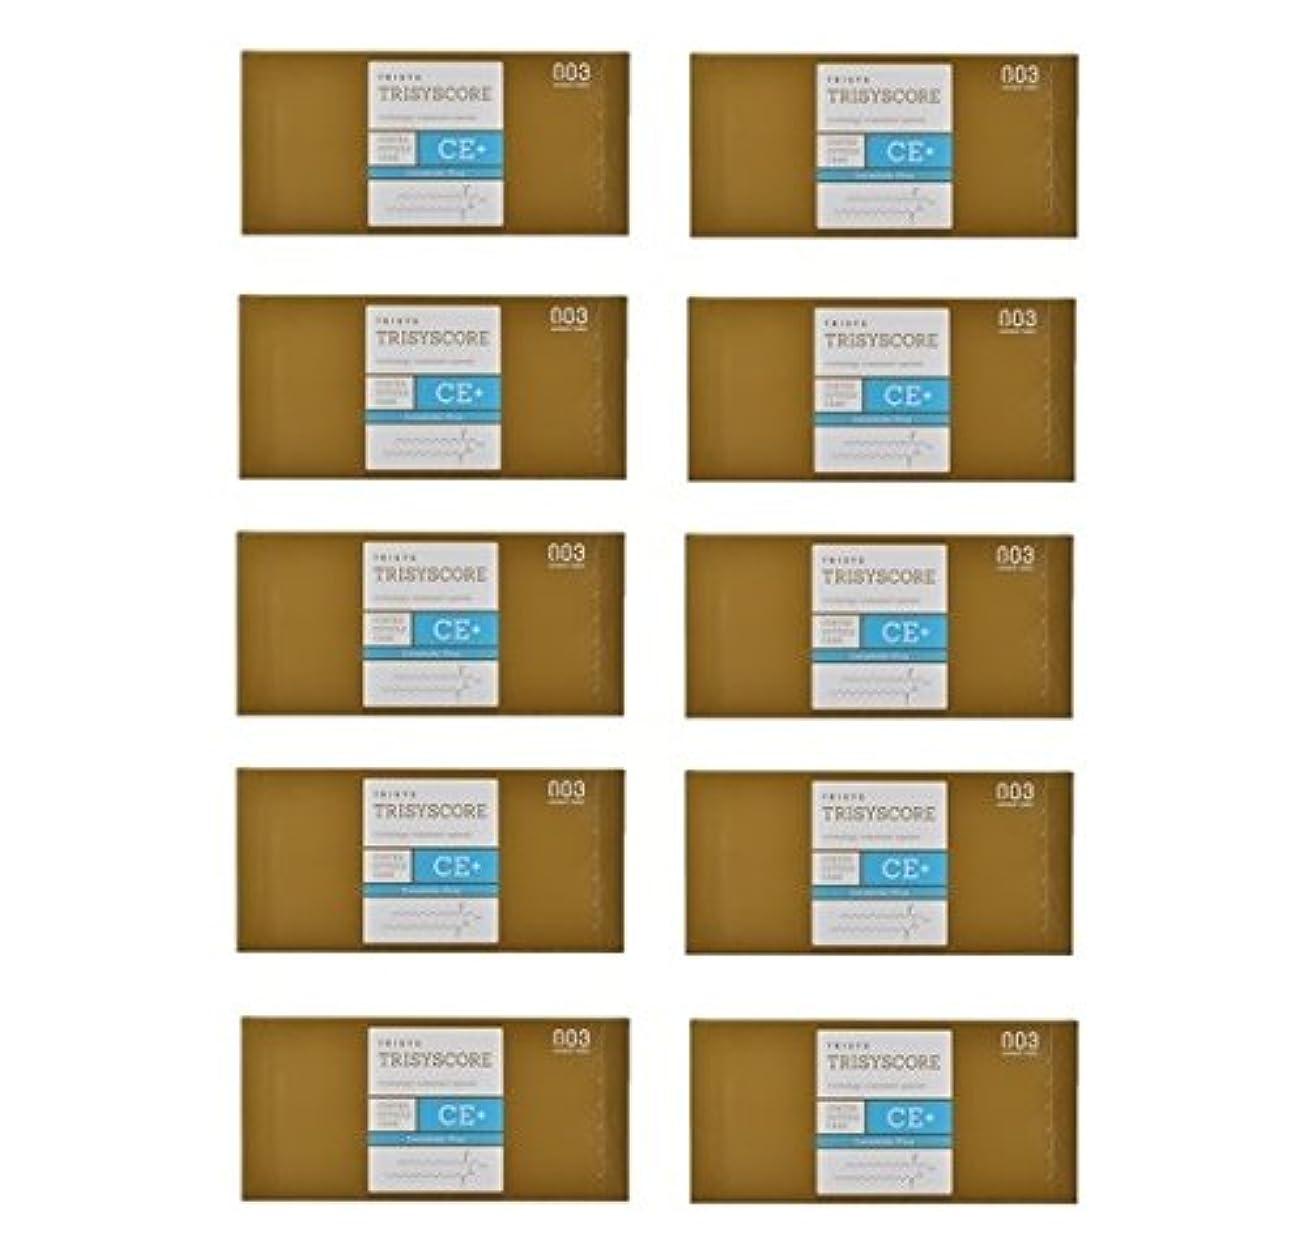 肉屋必要とするアクセサリー【X10個セット】ナンバースリー トリシスコア CEプラス (ヘアトリートメント) 12g × 4包入り